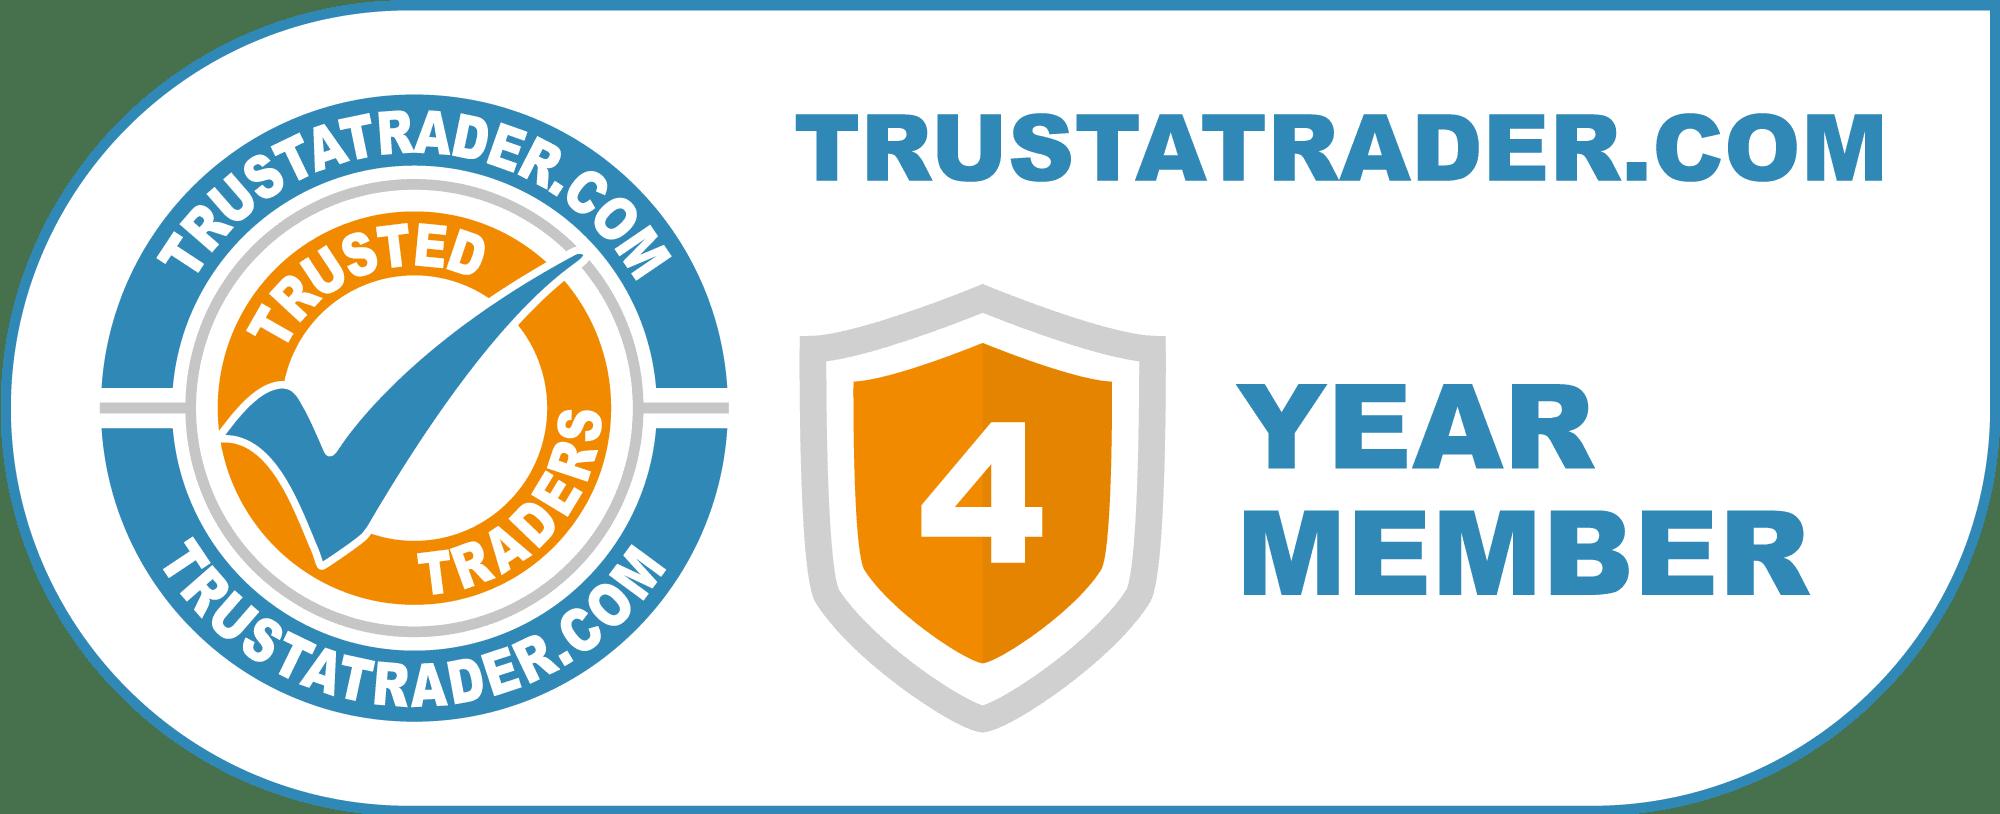 Trustatrader 4 year member logo